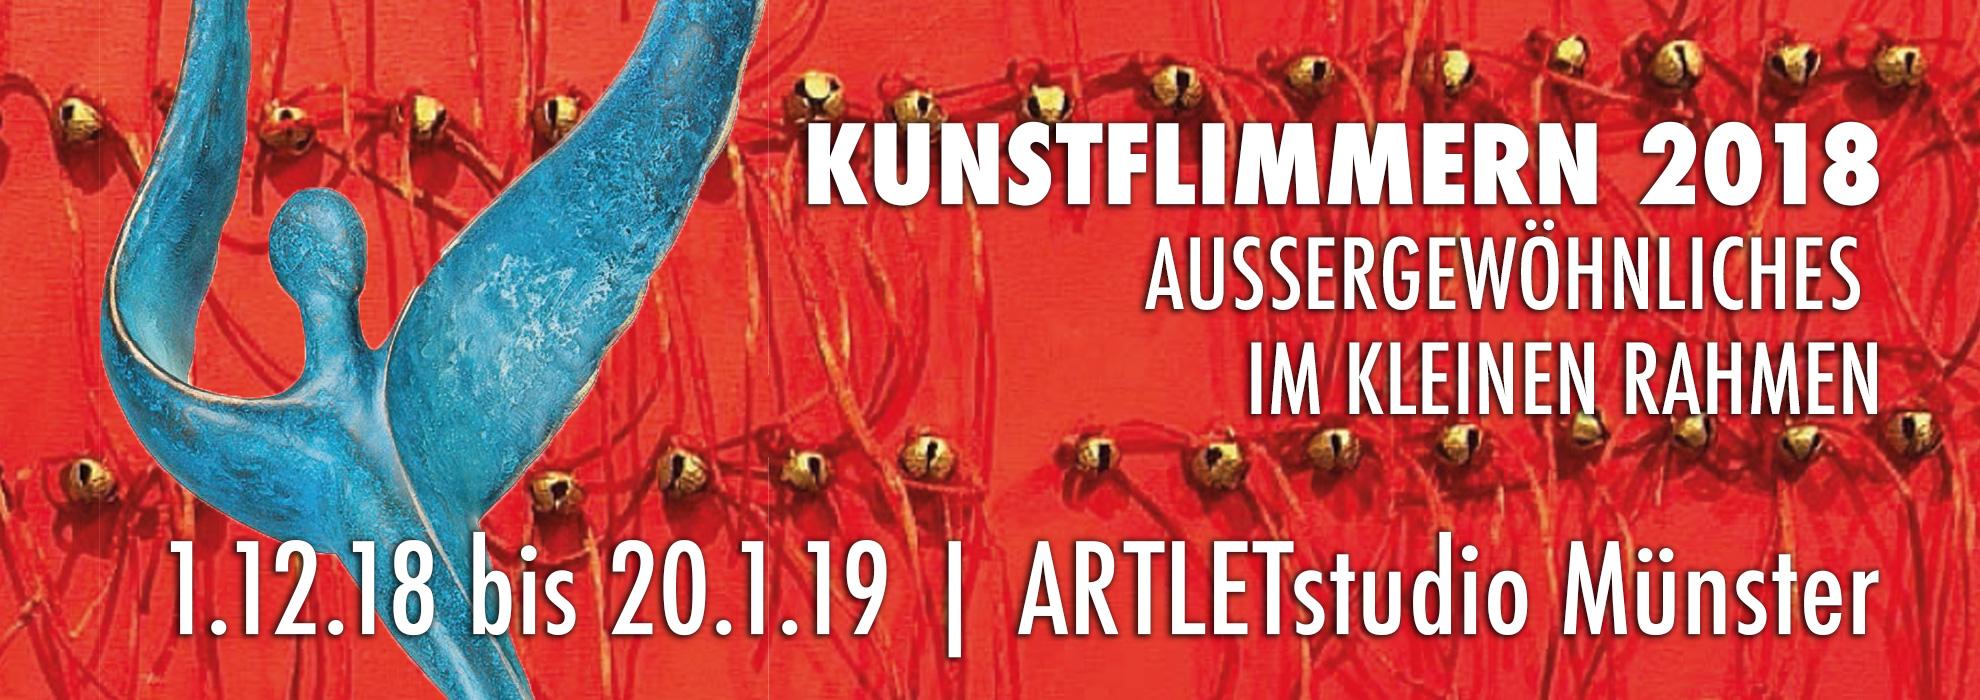 AusstellungSlider-Kunstflimmern